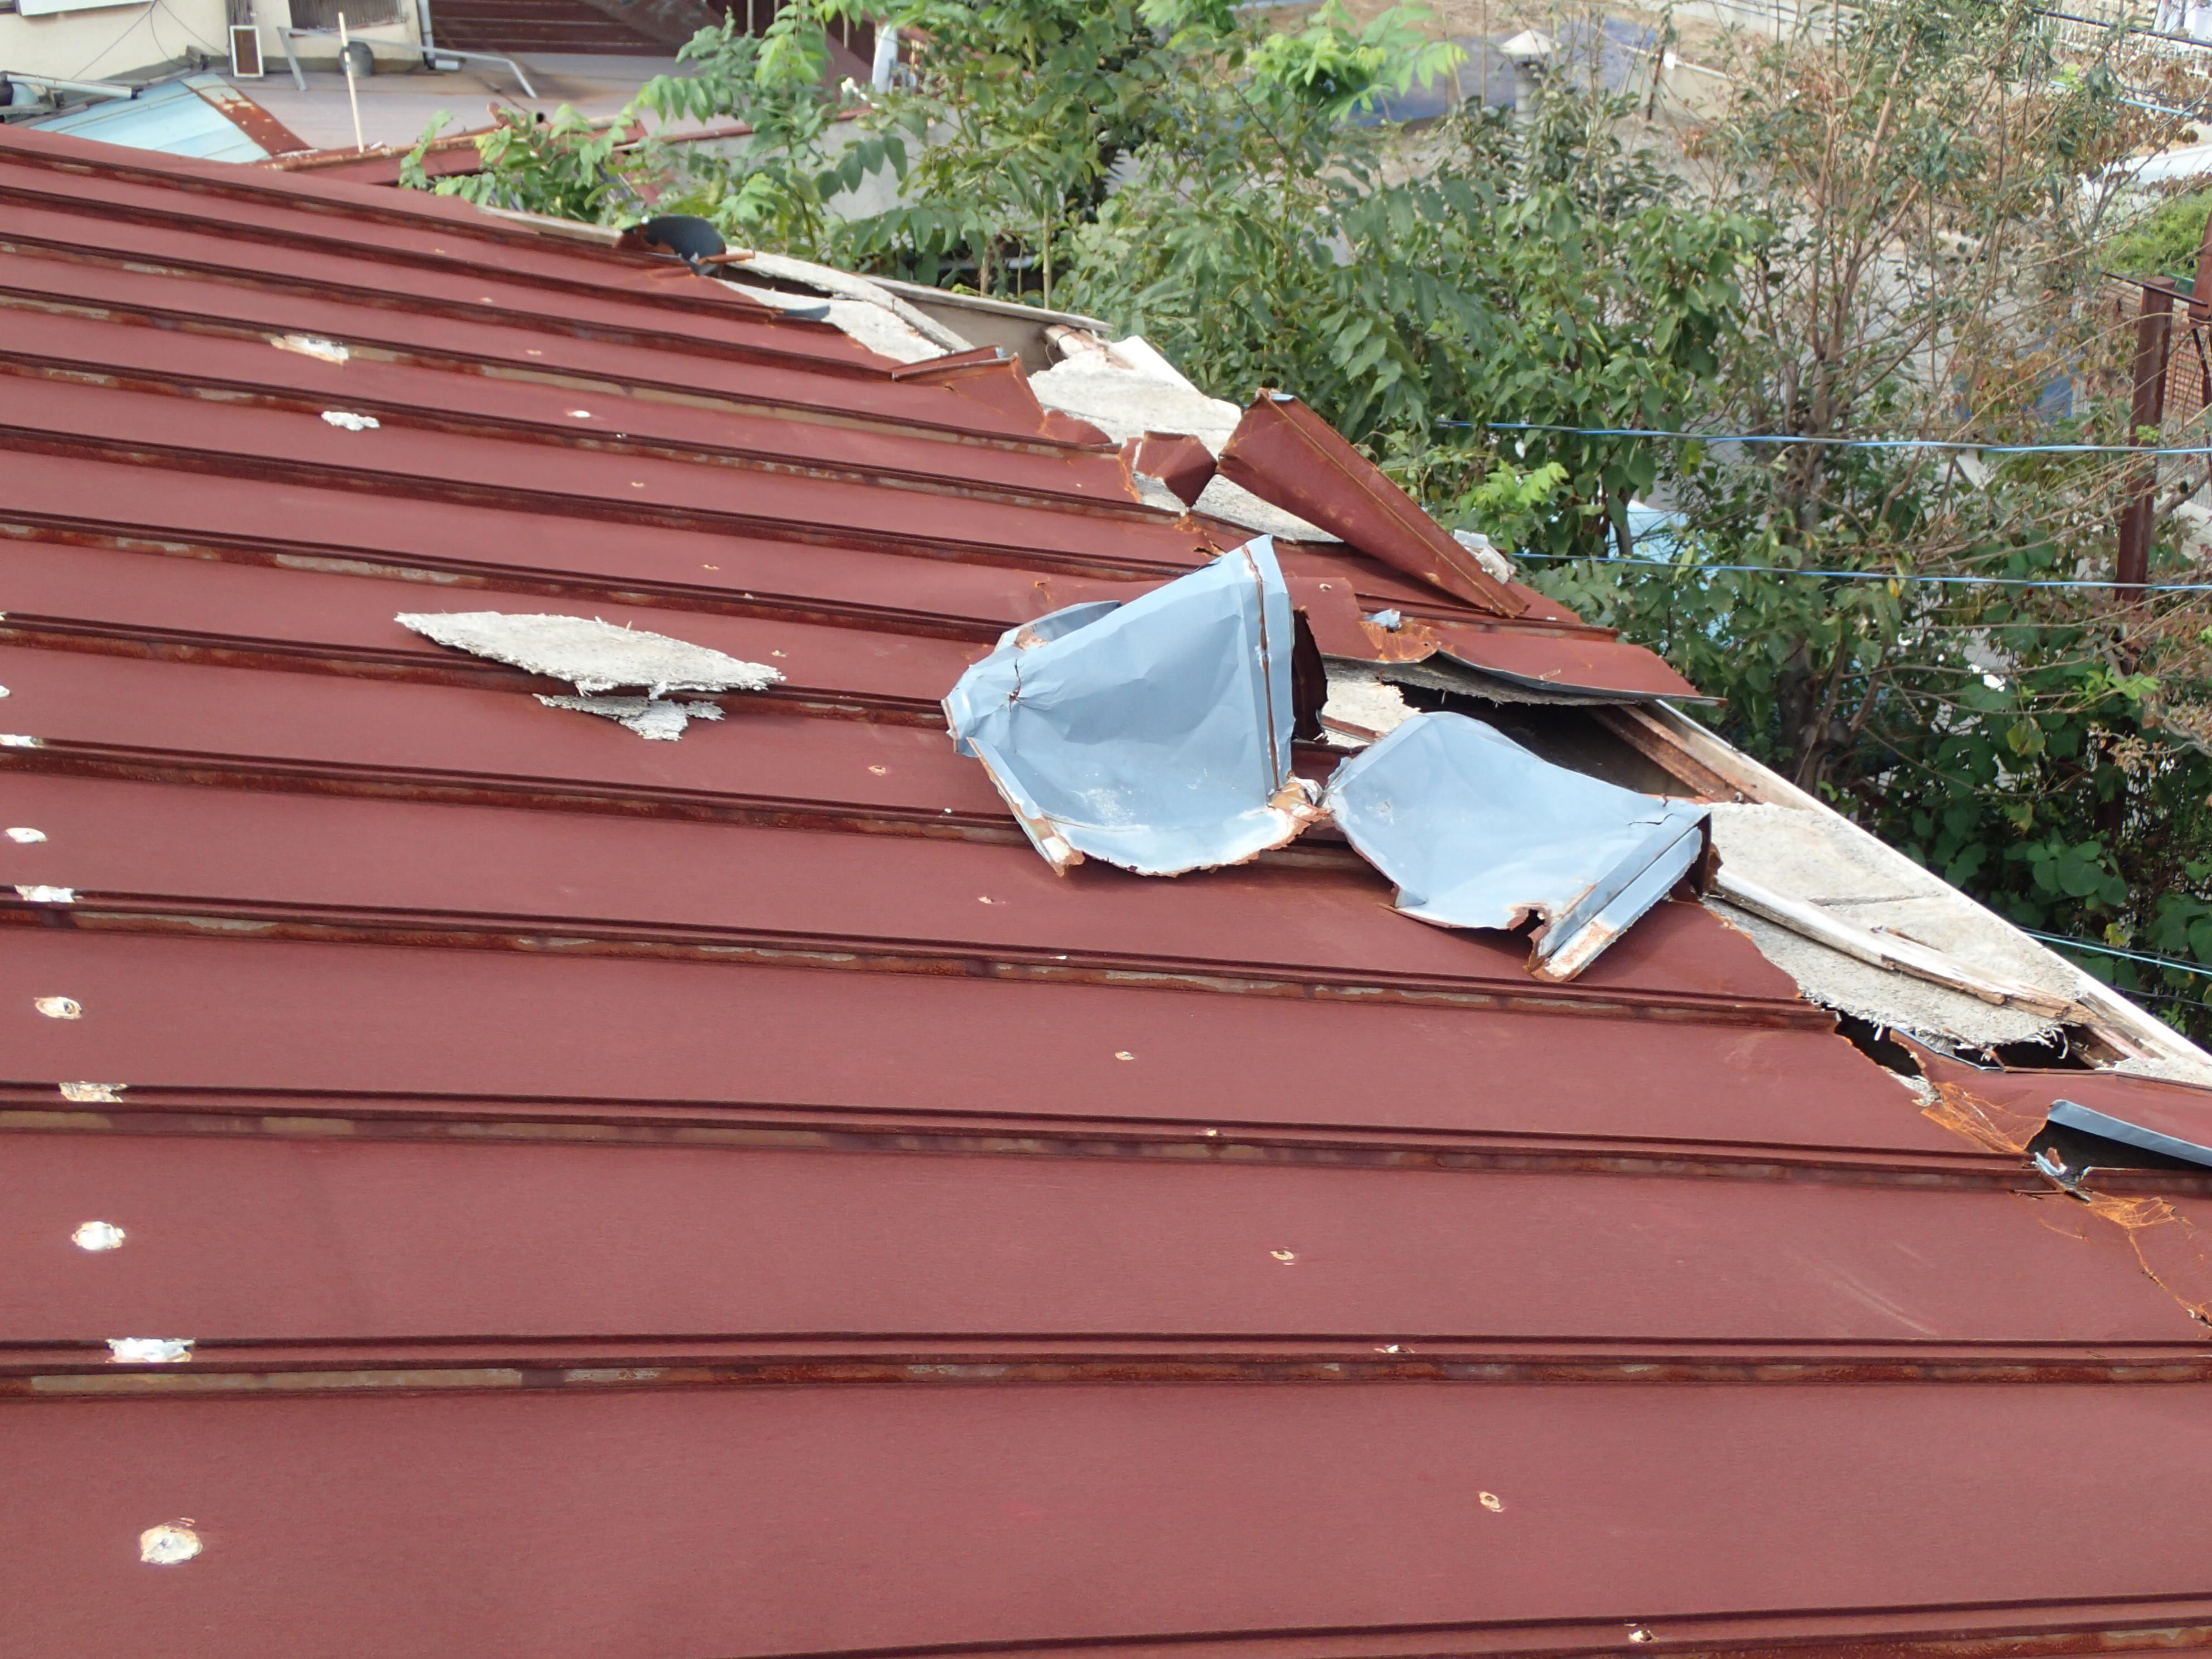 めくれた鉄板屋根